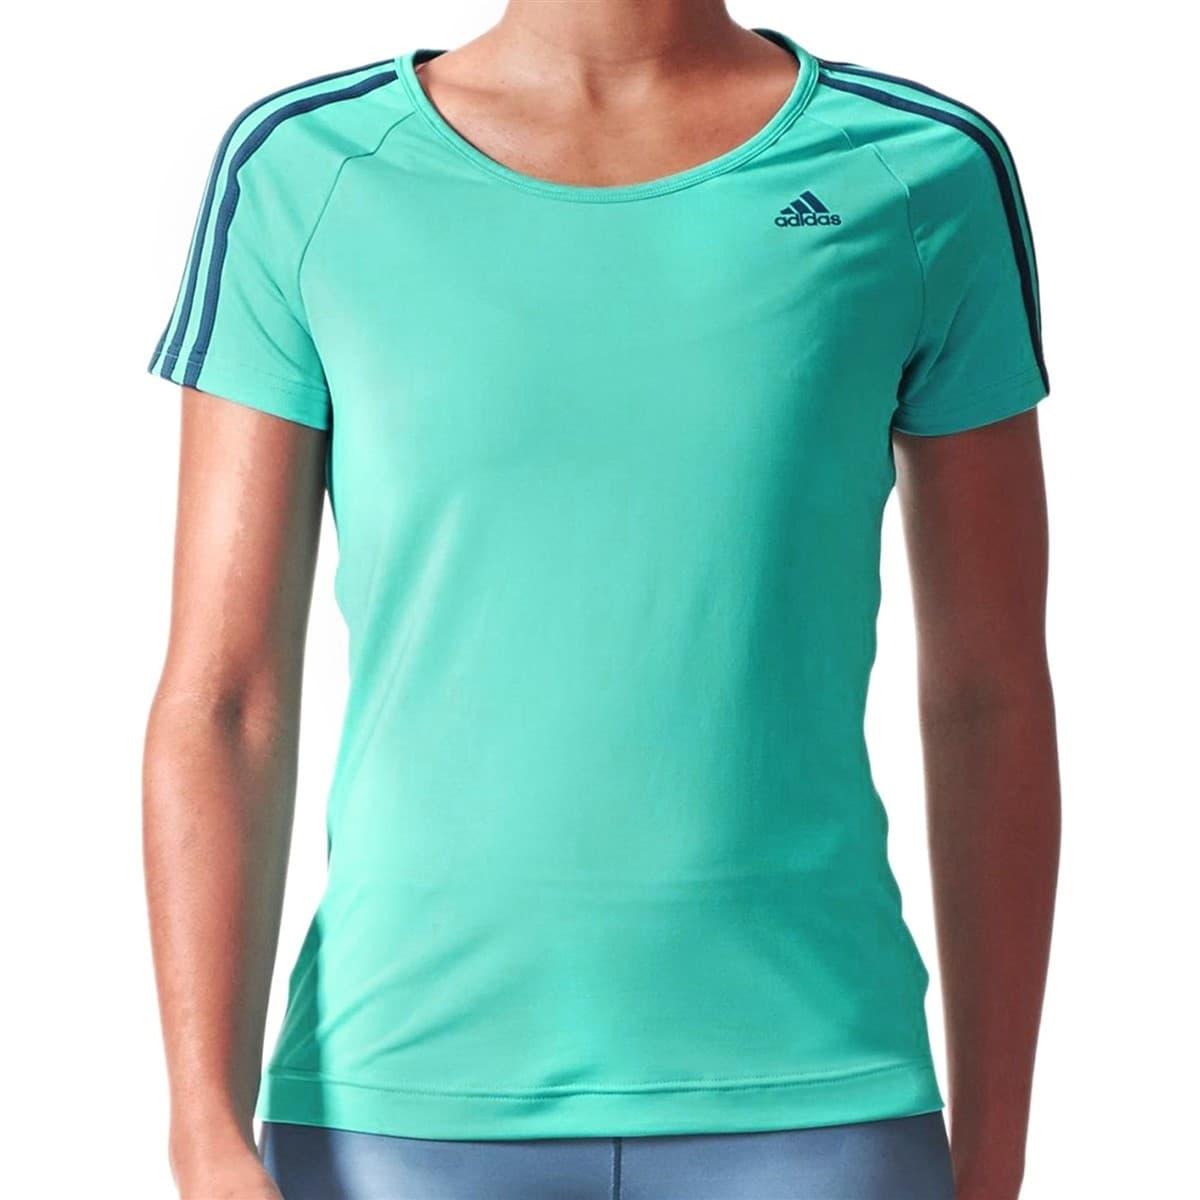 Basic 3S Kadın Antrenman Turkuaz Tişört